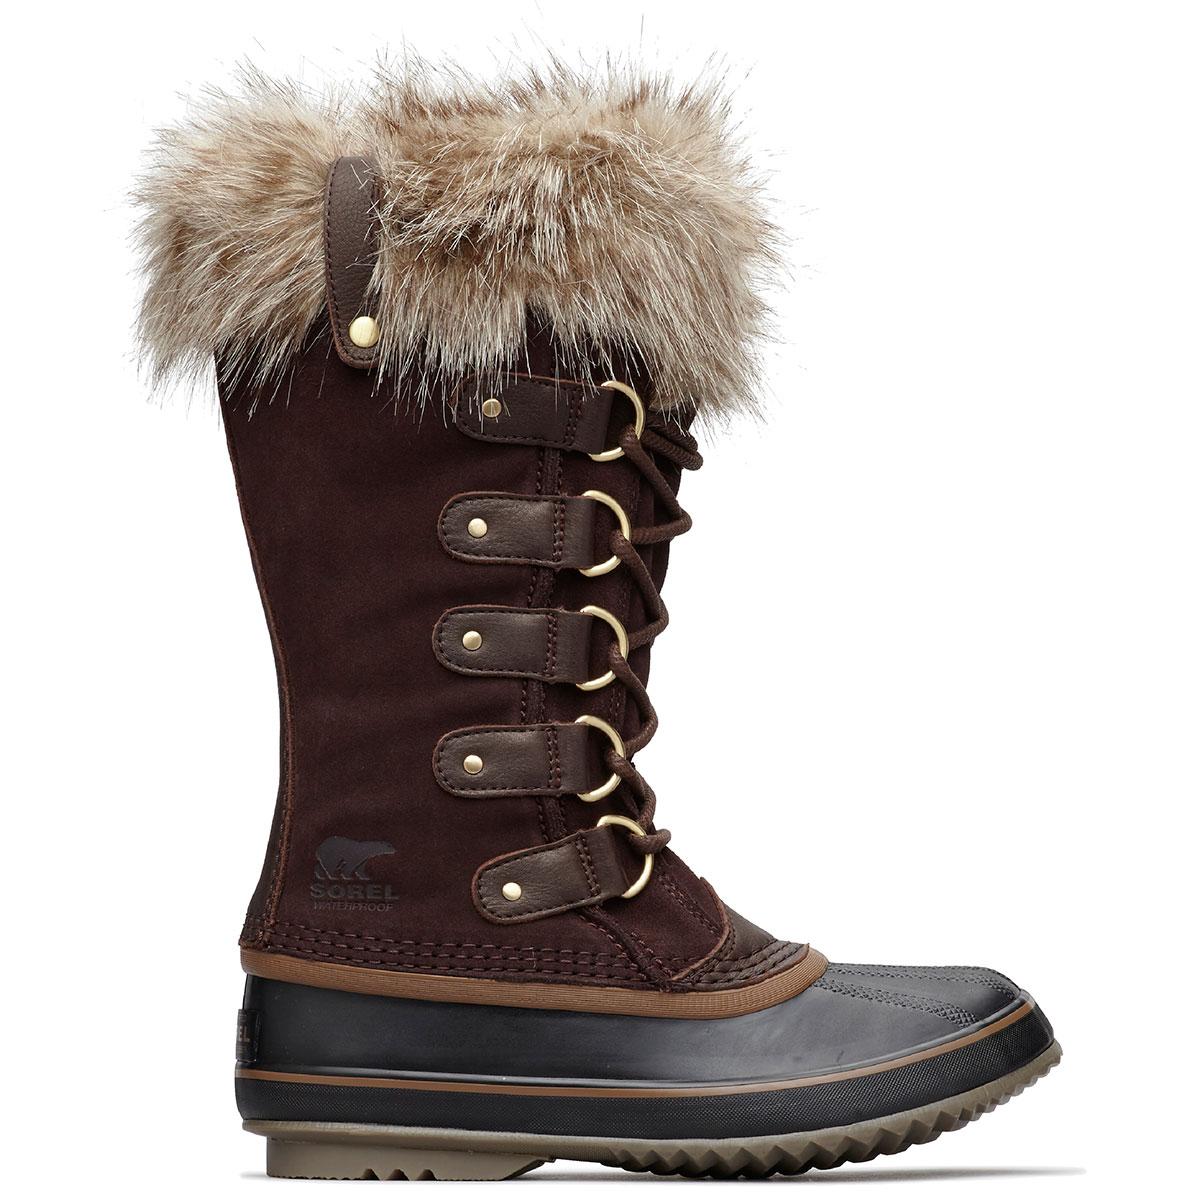 Sorel Women's Joan Of Arctic Boots - Brown, 9